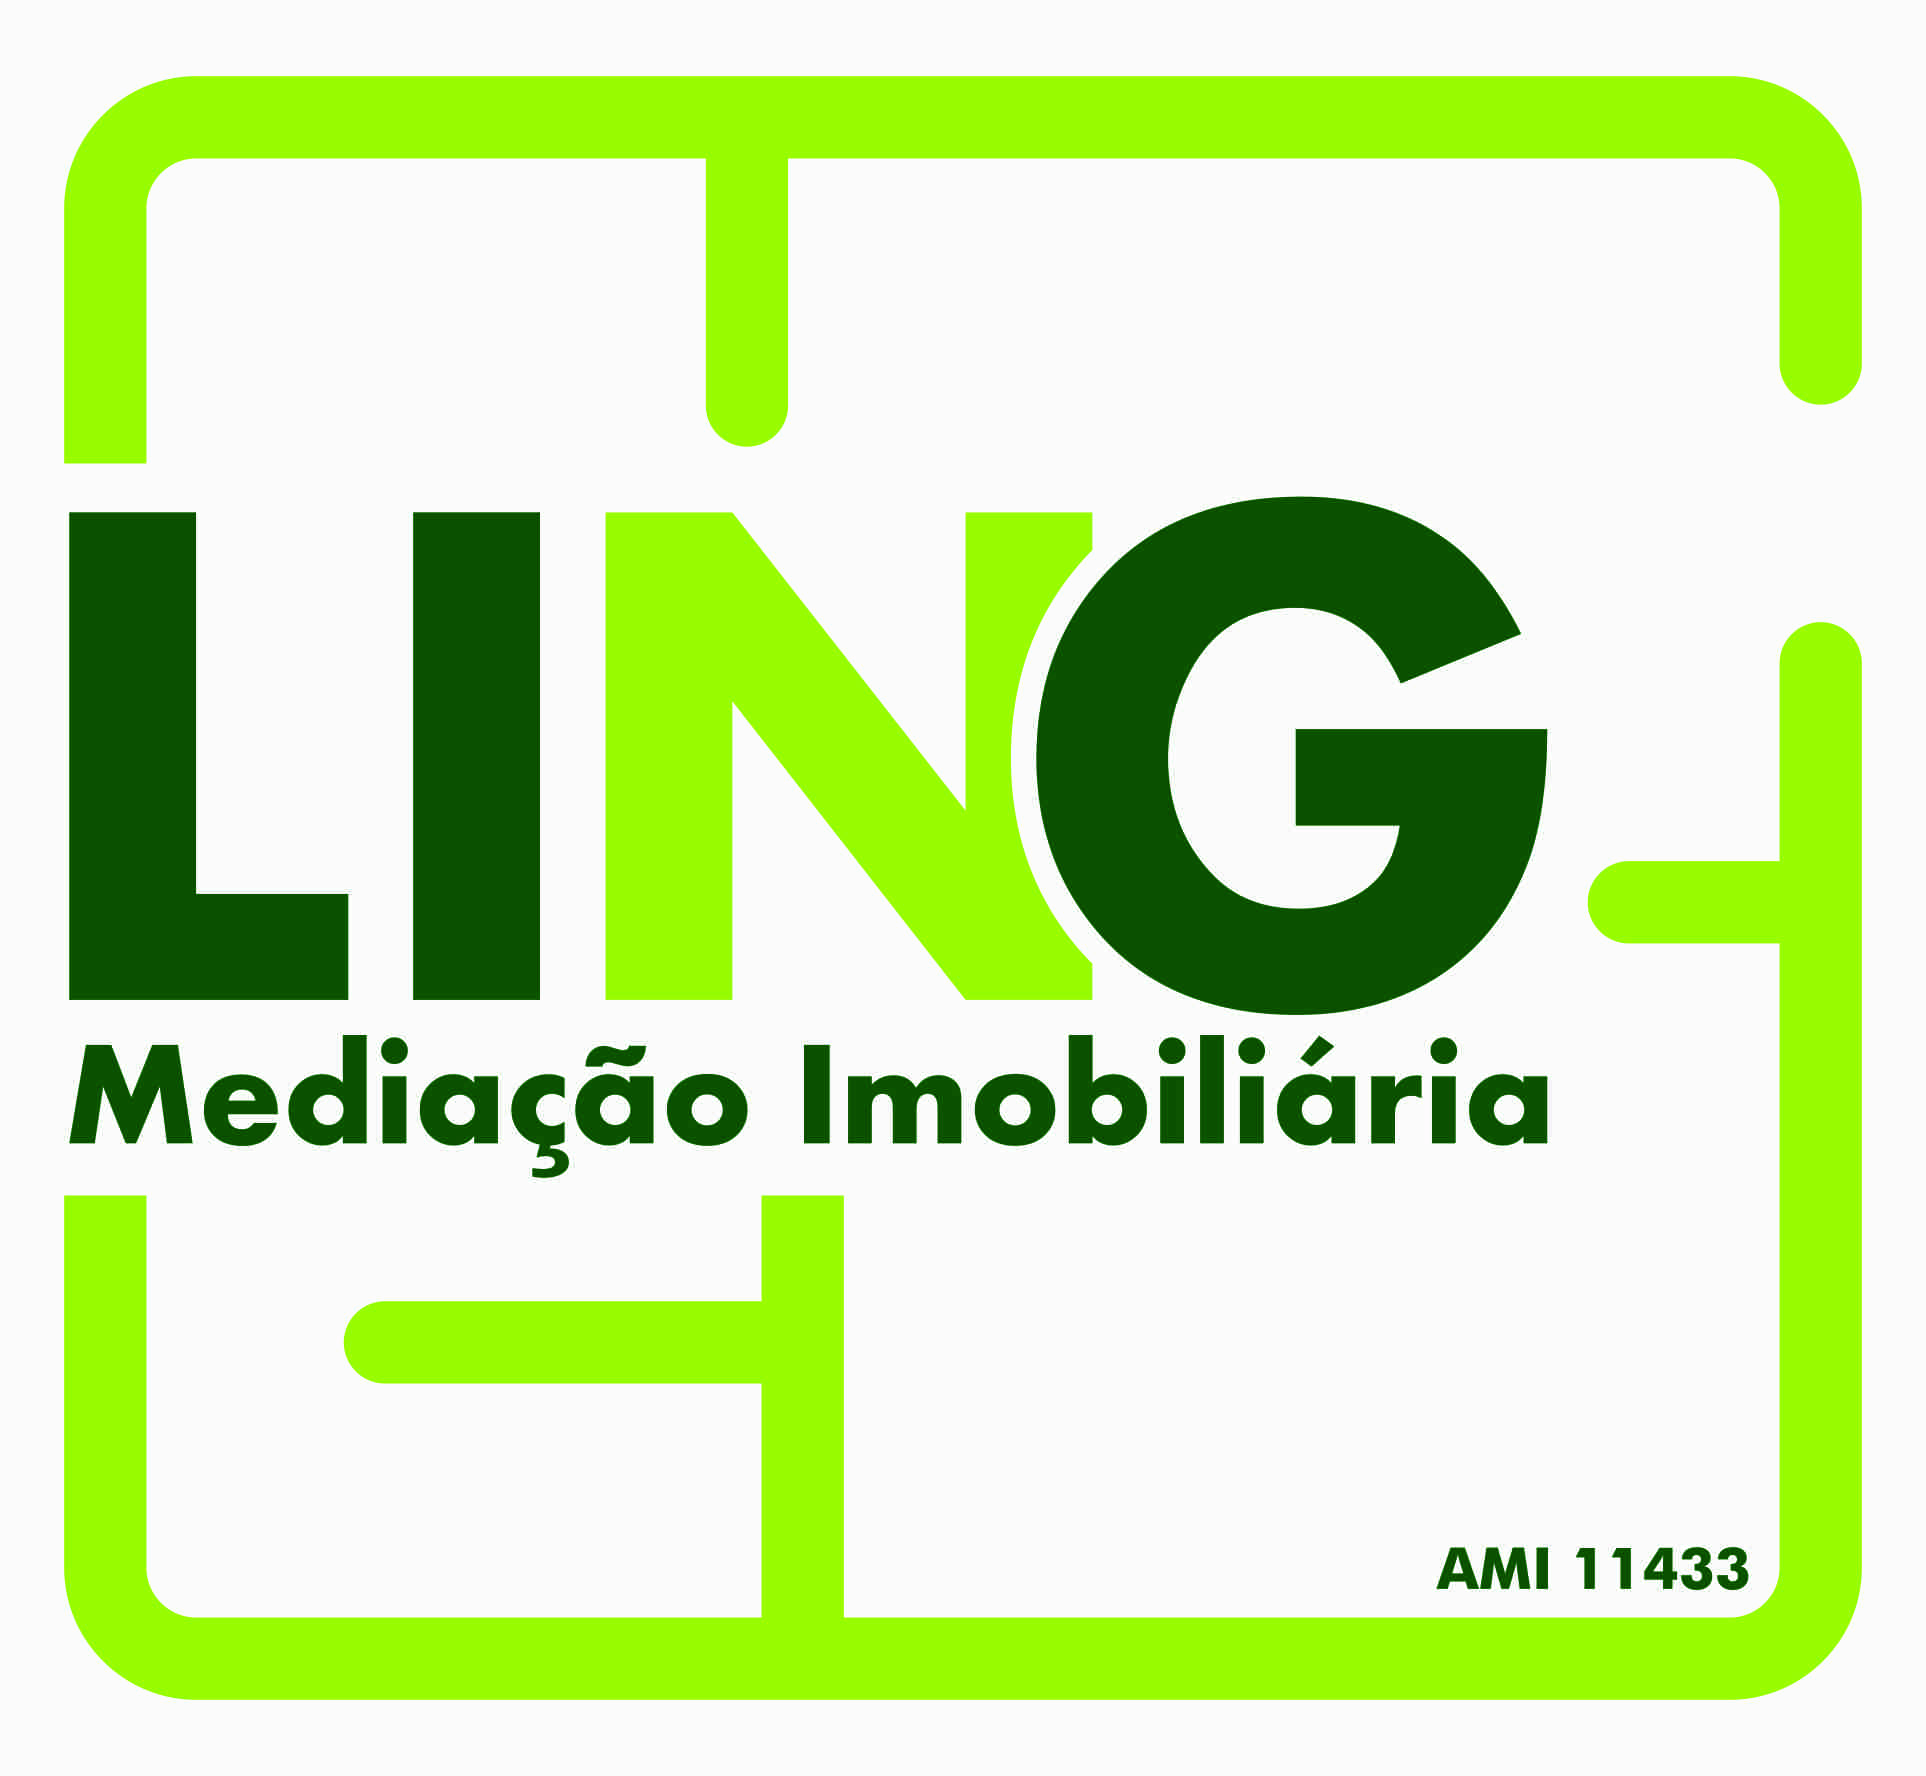 Ling Mediação -  Sociedade de Mediação Imobiliaria, lda